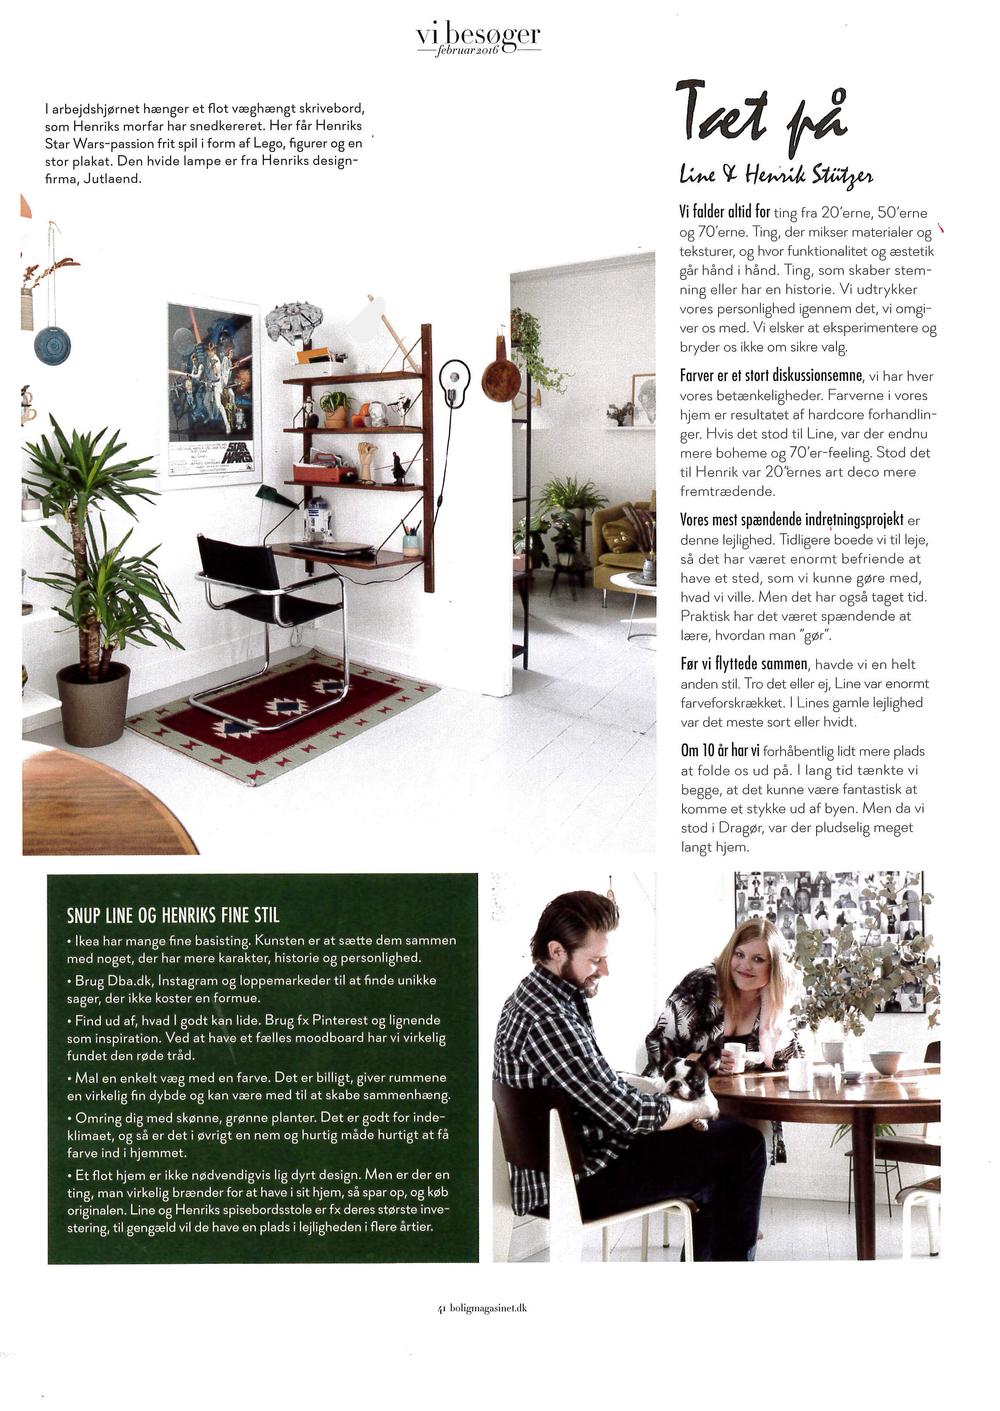 Bolig Magasinet - Nr. 193 - Februar - 2016